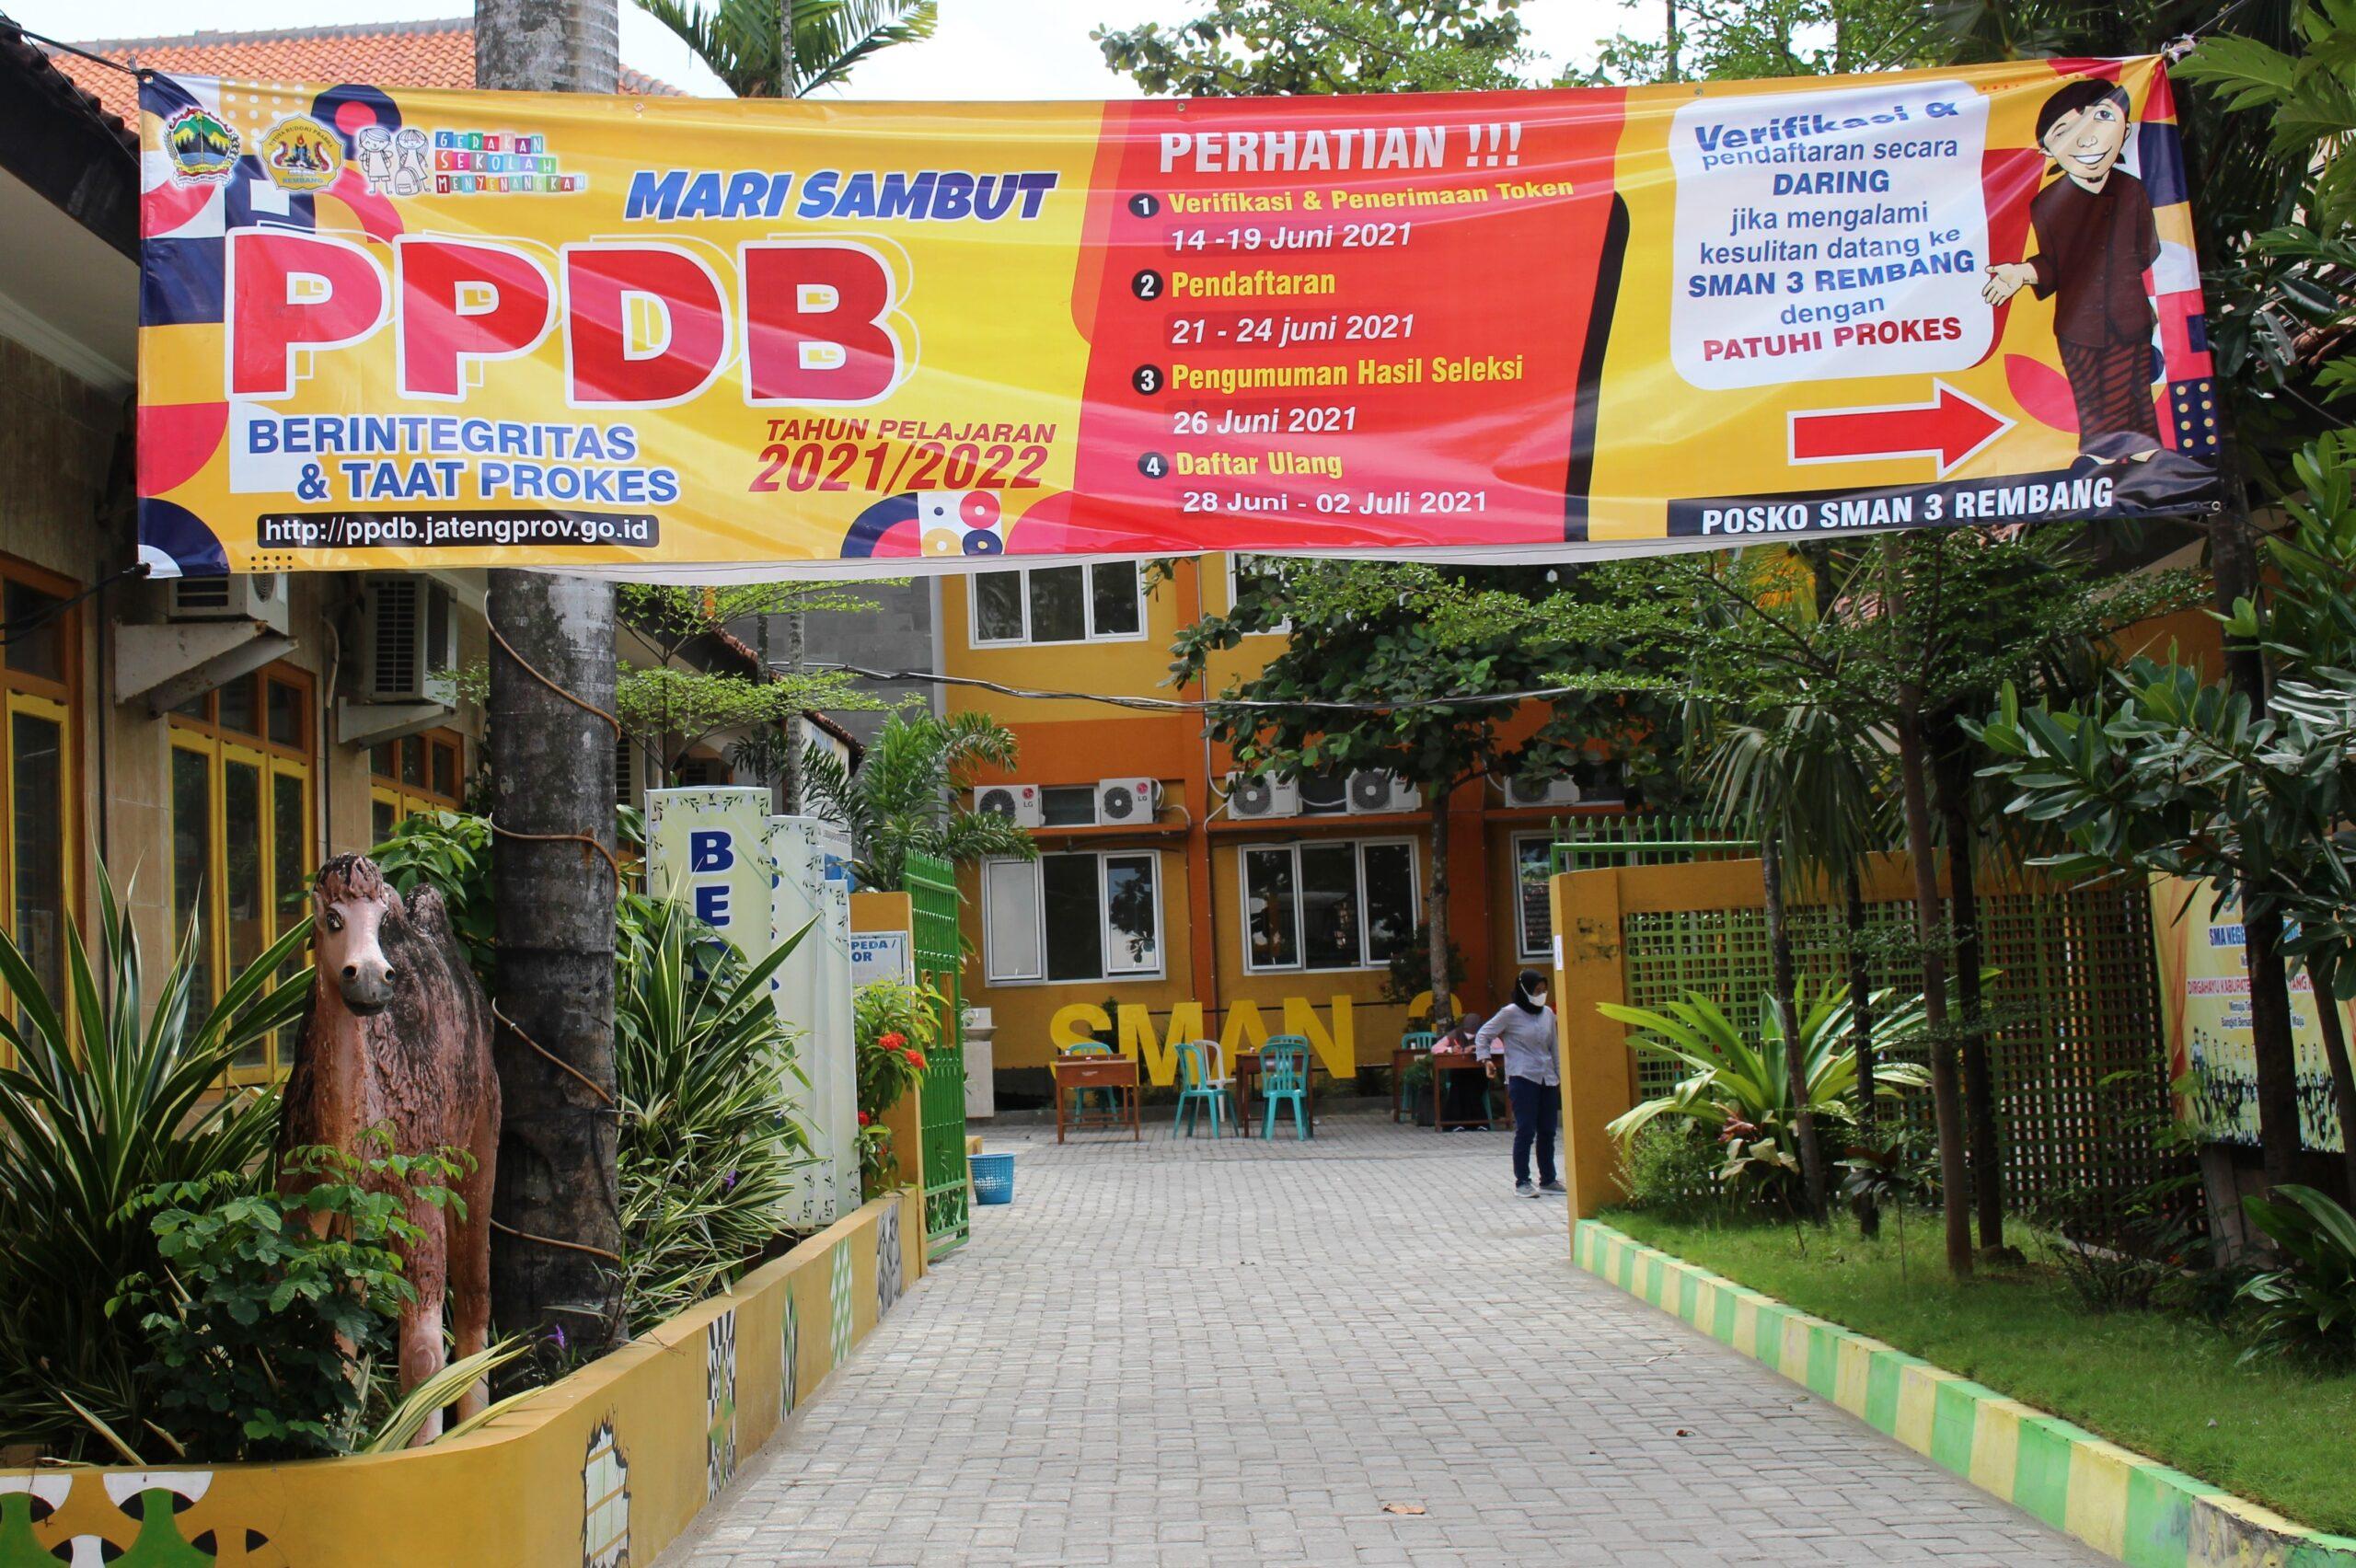 PPDB SMAN 3 Rembang Kelas Khusus Olahraga (KKO) dan Kelas Reguler Tahun Pelajaran 2021/2022 Berjalan Dengan Lancar